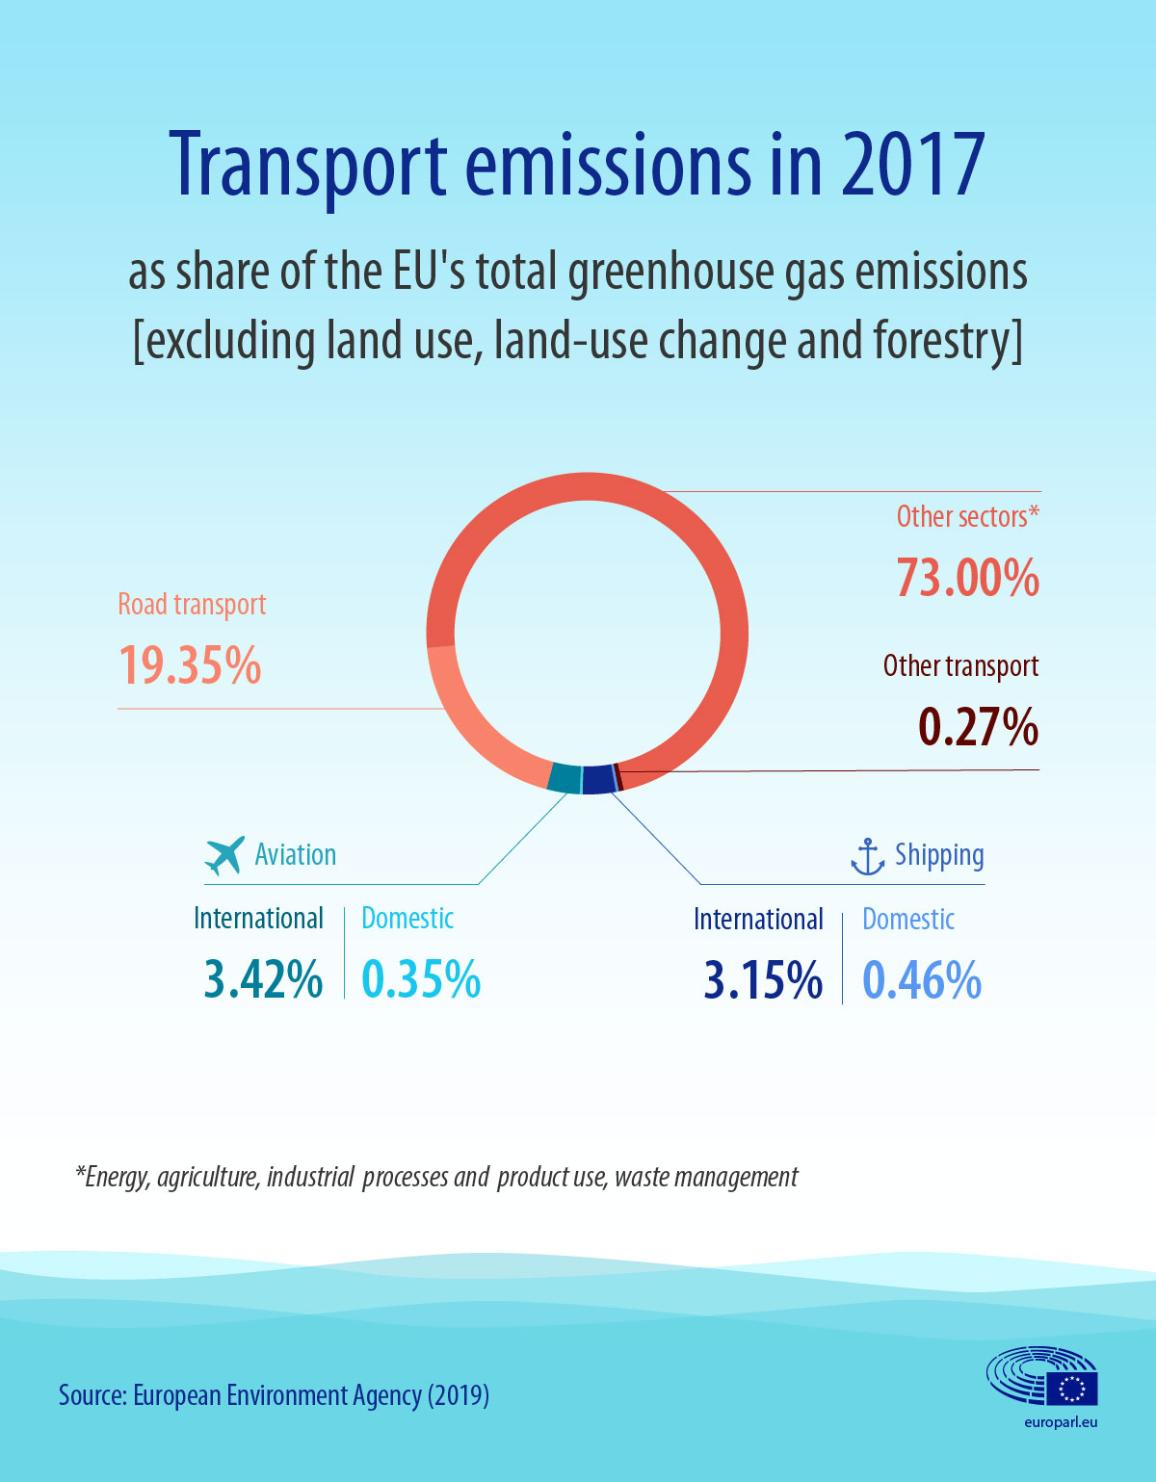 ინფოგრაფიკა ტრანსპორტის გამონაბოლქვზე, ავიაციისა და ტრანსპორტირების ჩათვლით, ევროკავშირის სათბურის გაზების მთლიანი ემისიების წილის სახით